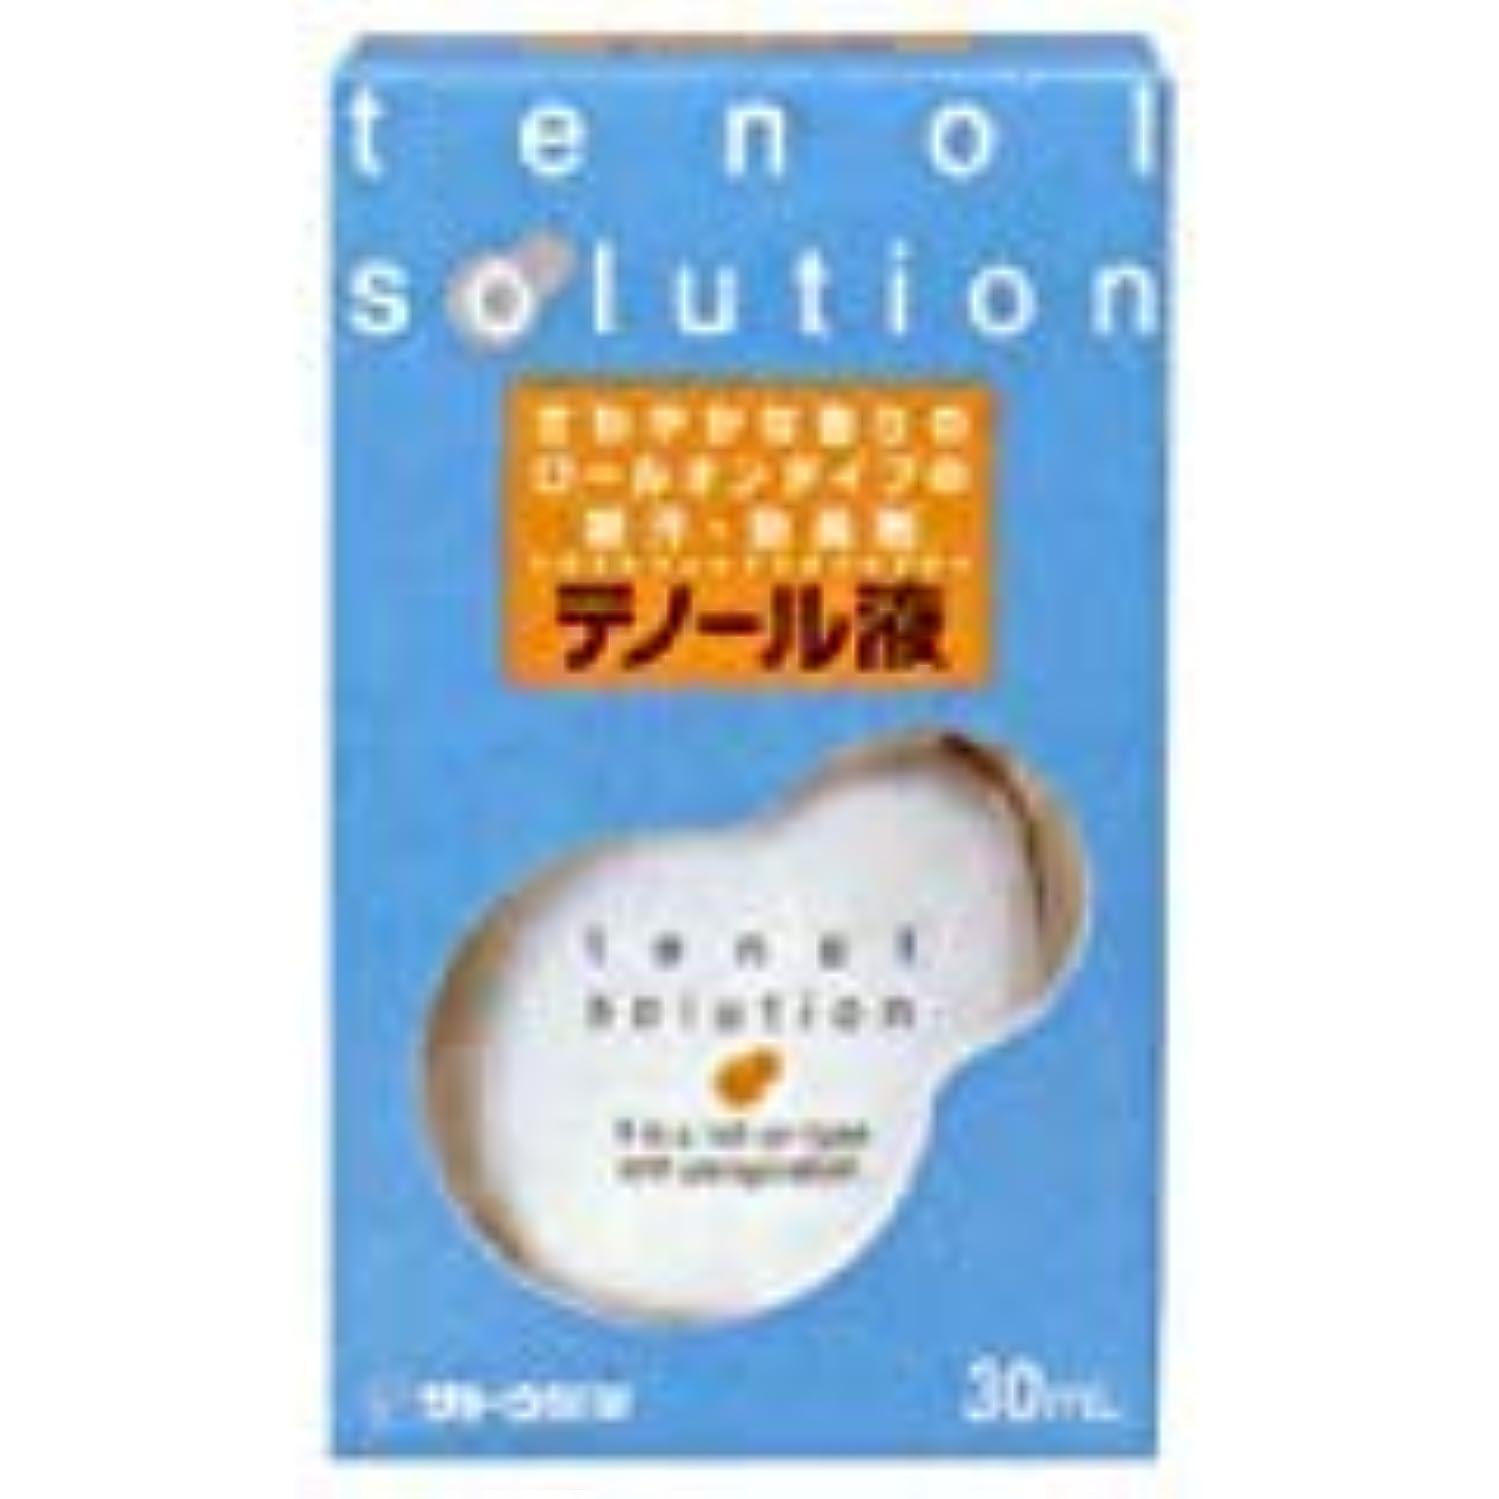 つまずく薬用姓佐藤製薬 テノール液30ml×2 1310